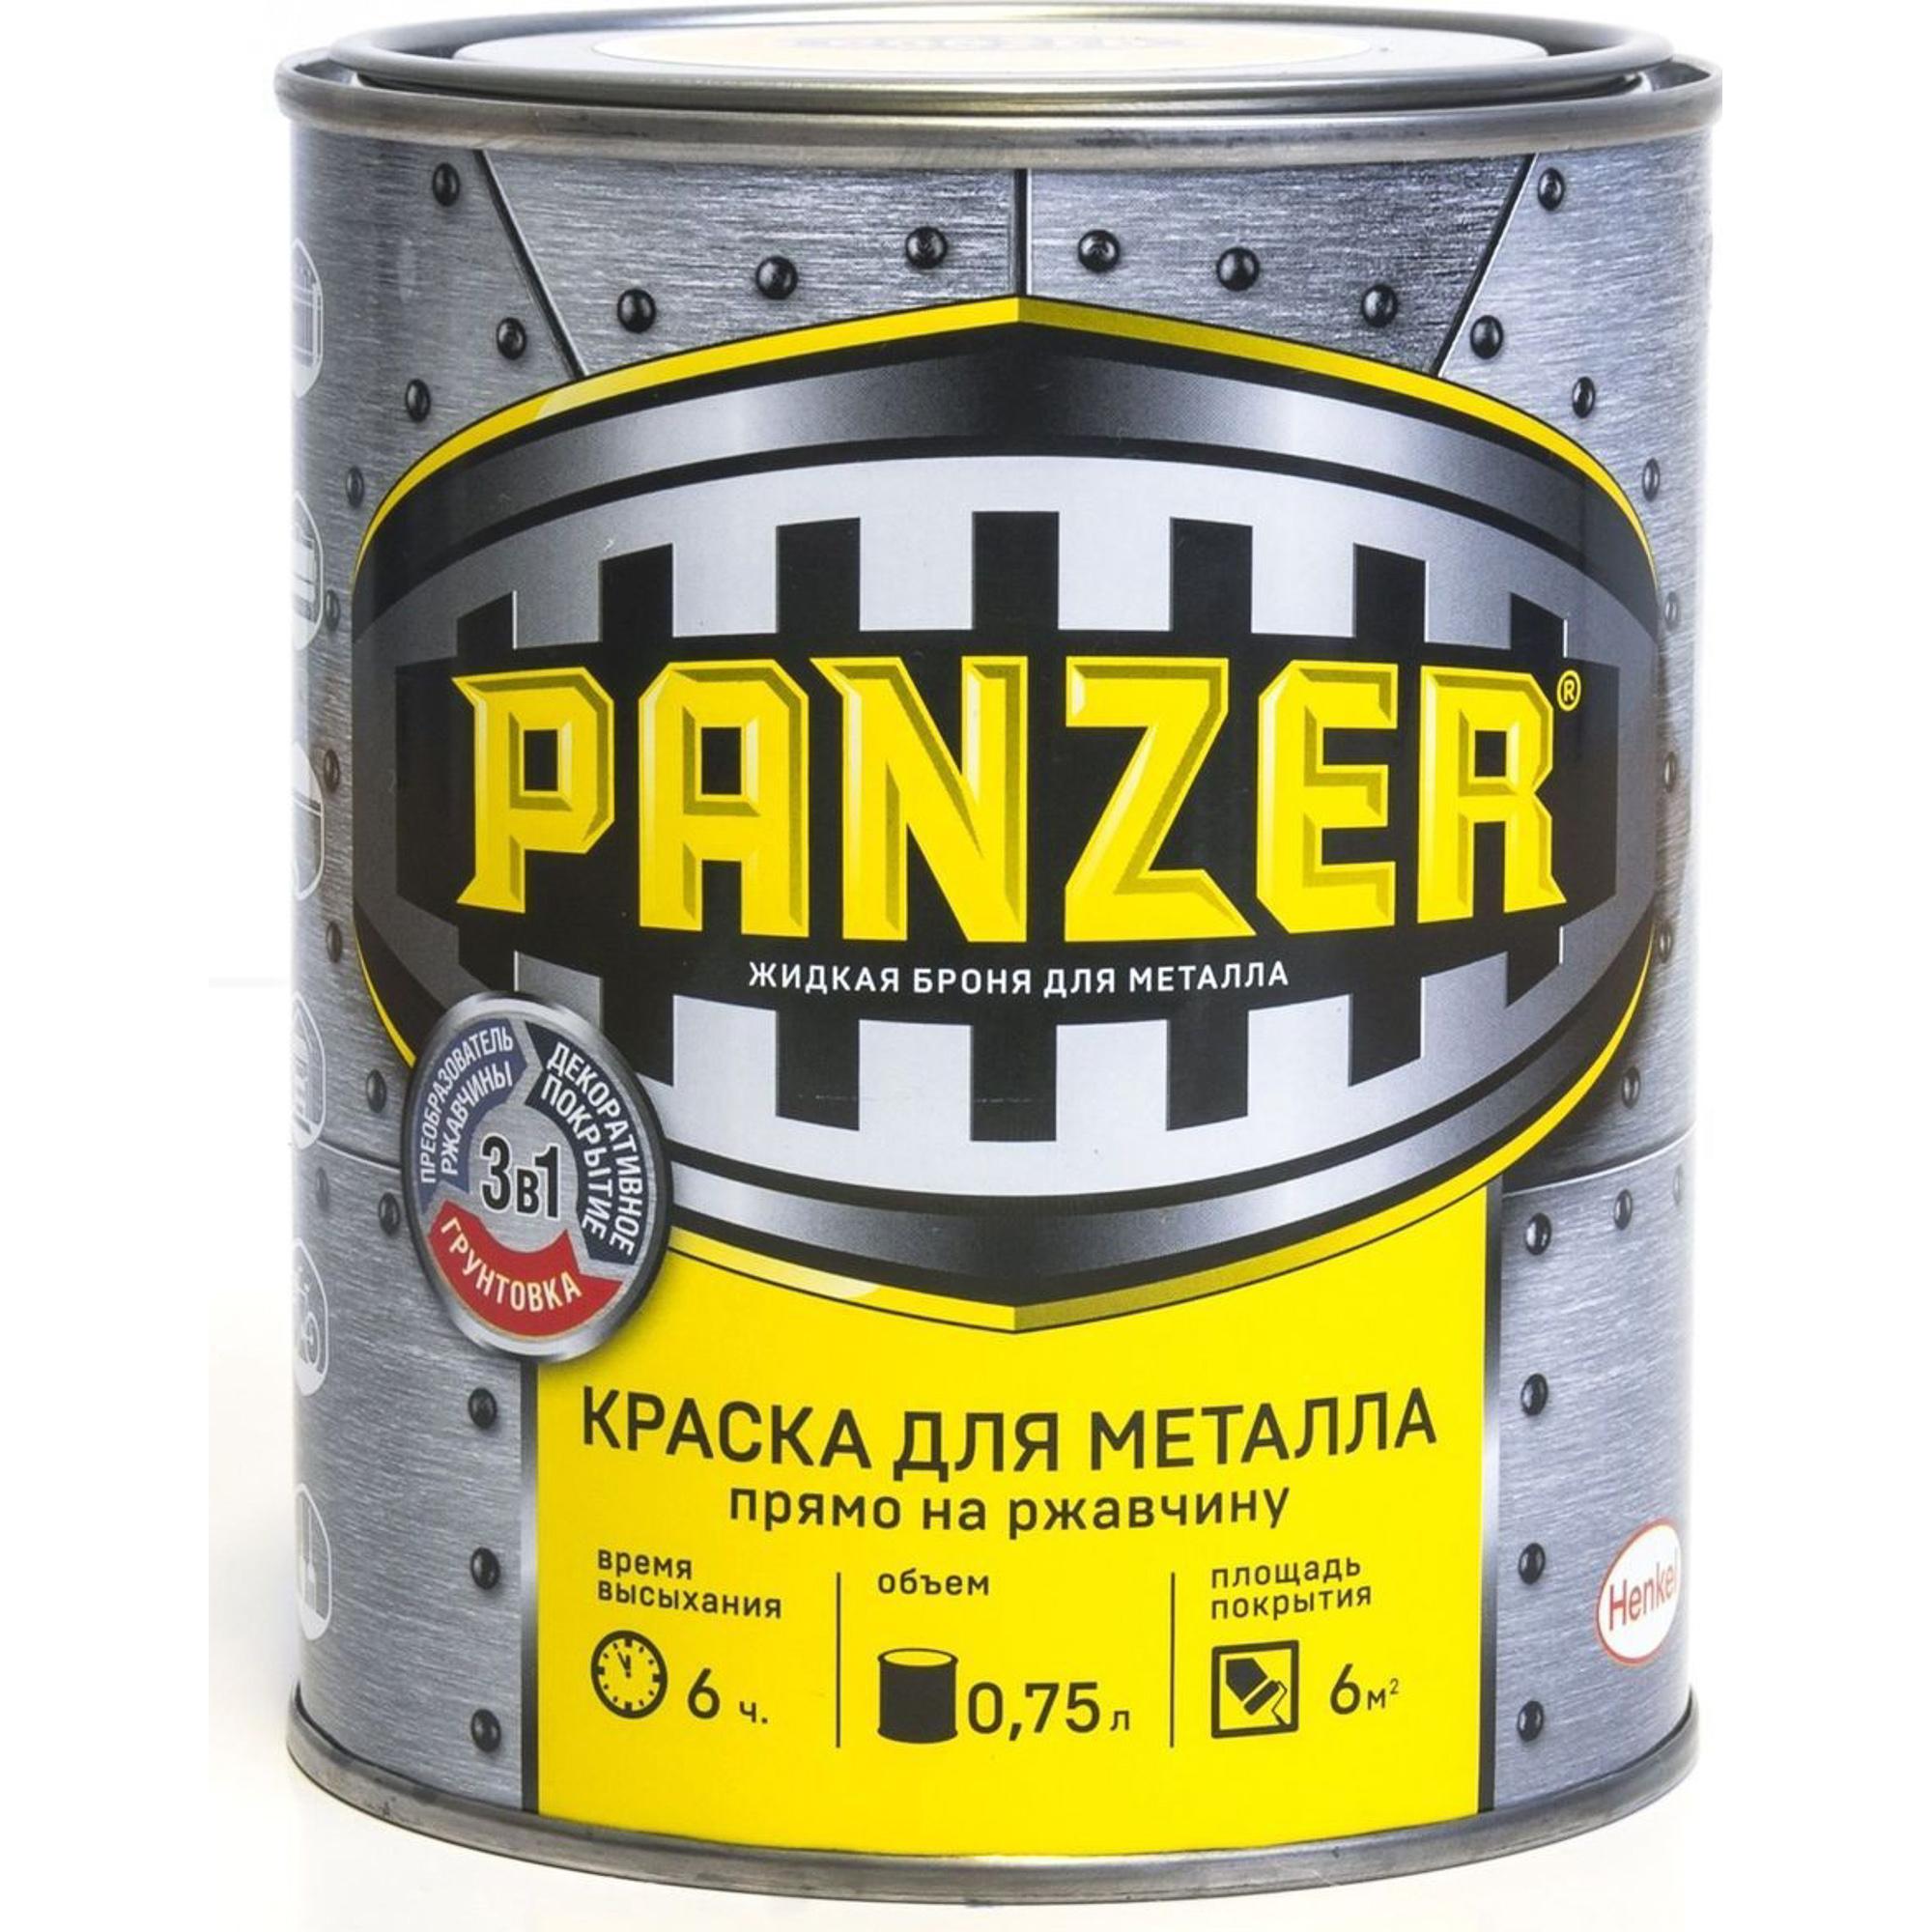 Краска для металла Panzer молотковая коричневая 0.75л